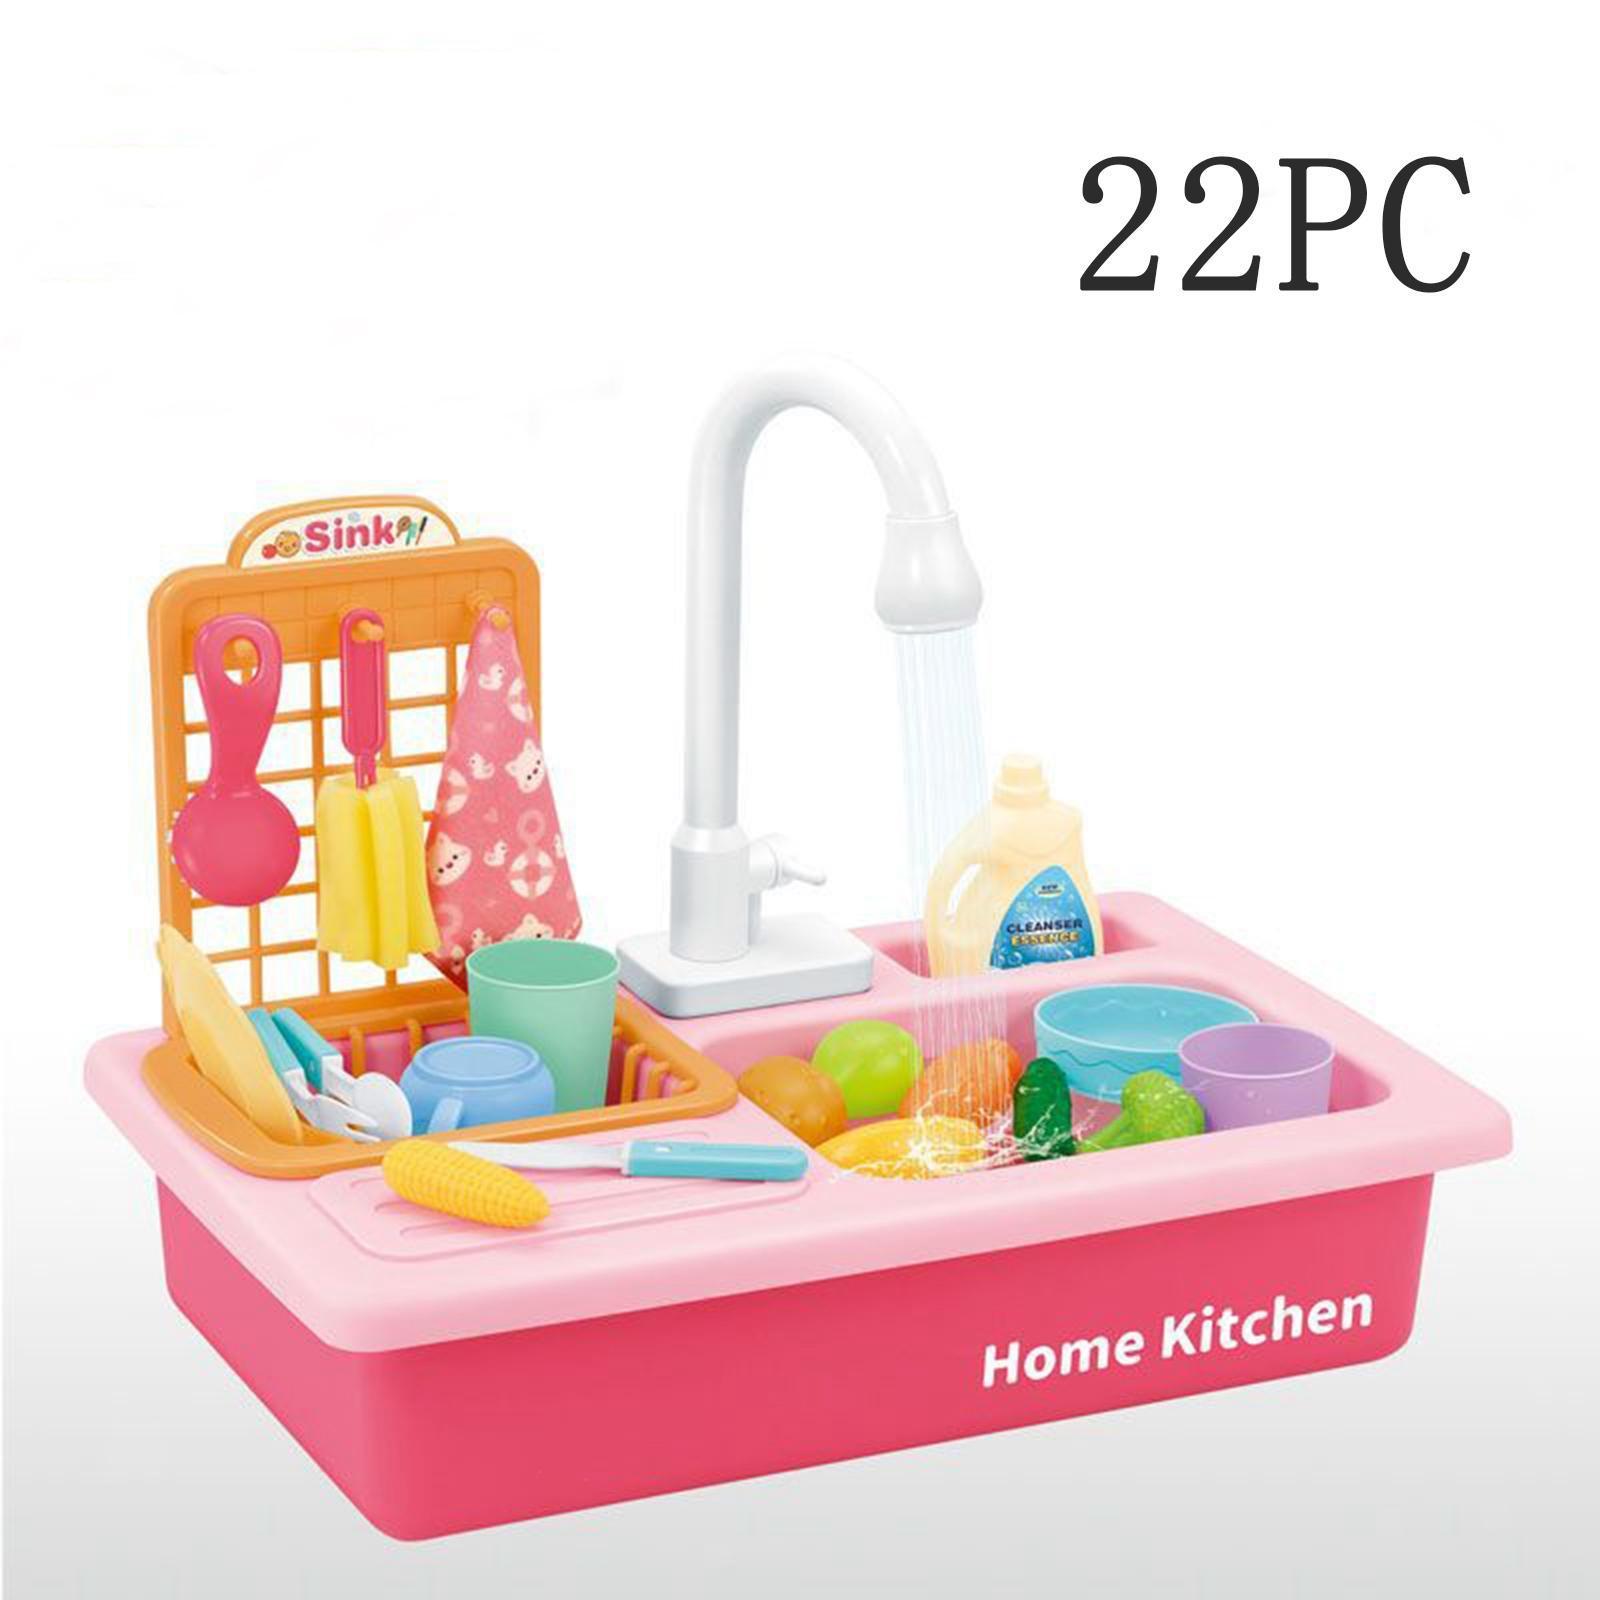 Indexbild 16 - Kinder-Kueche-Spielen-Waschbecken-Spielzeug-Automatische-Wasser-Zyklus-System